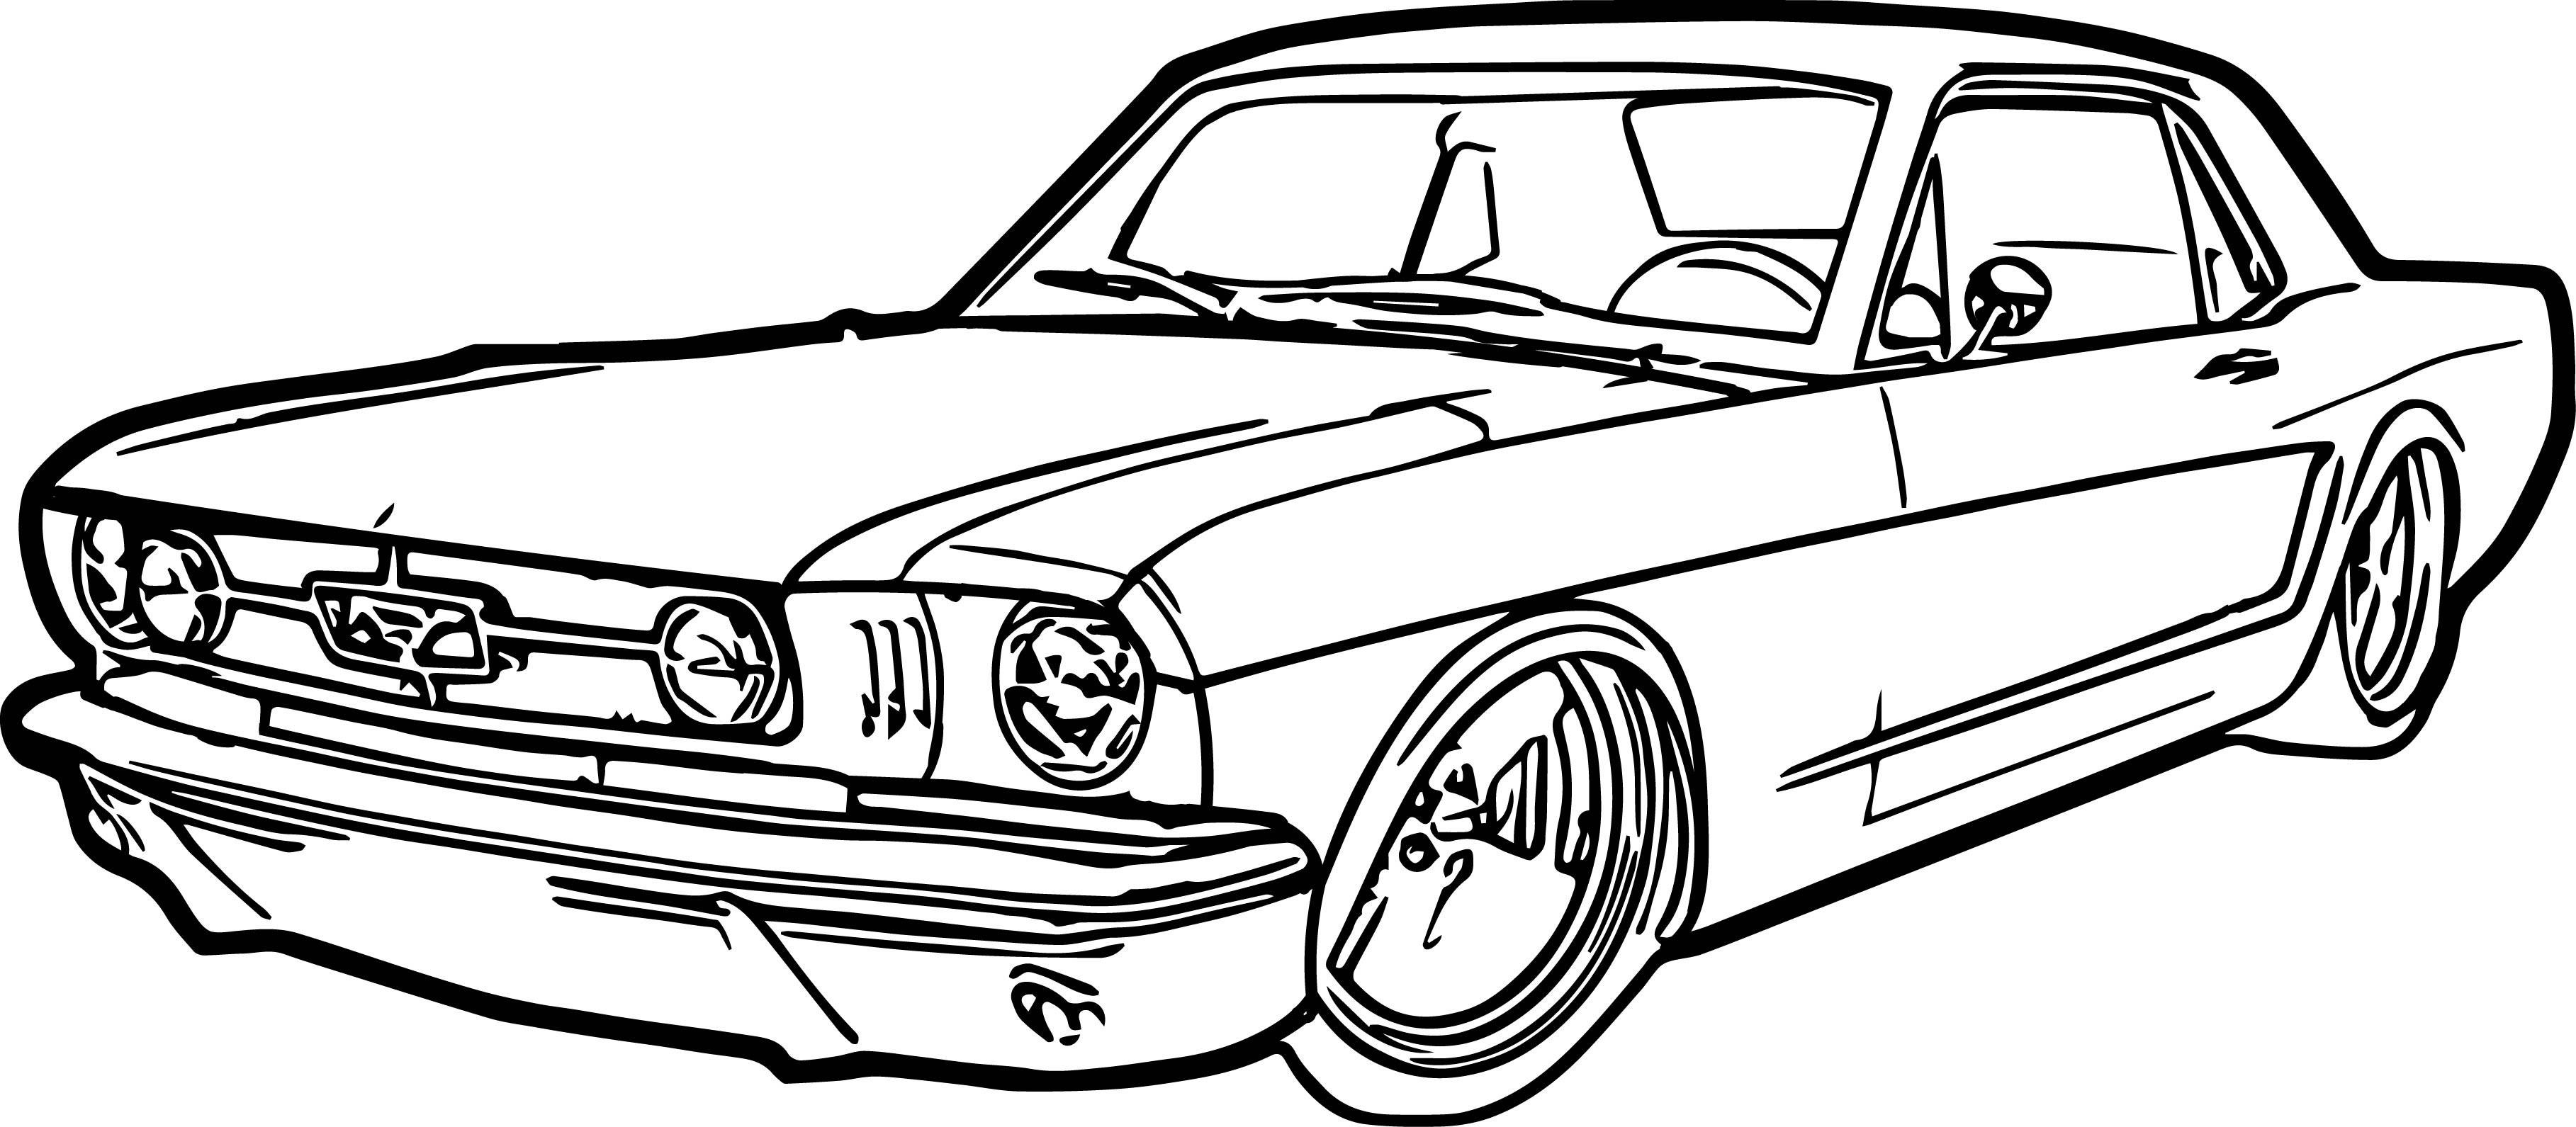 malvorlage auto zeichnen einfach